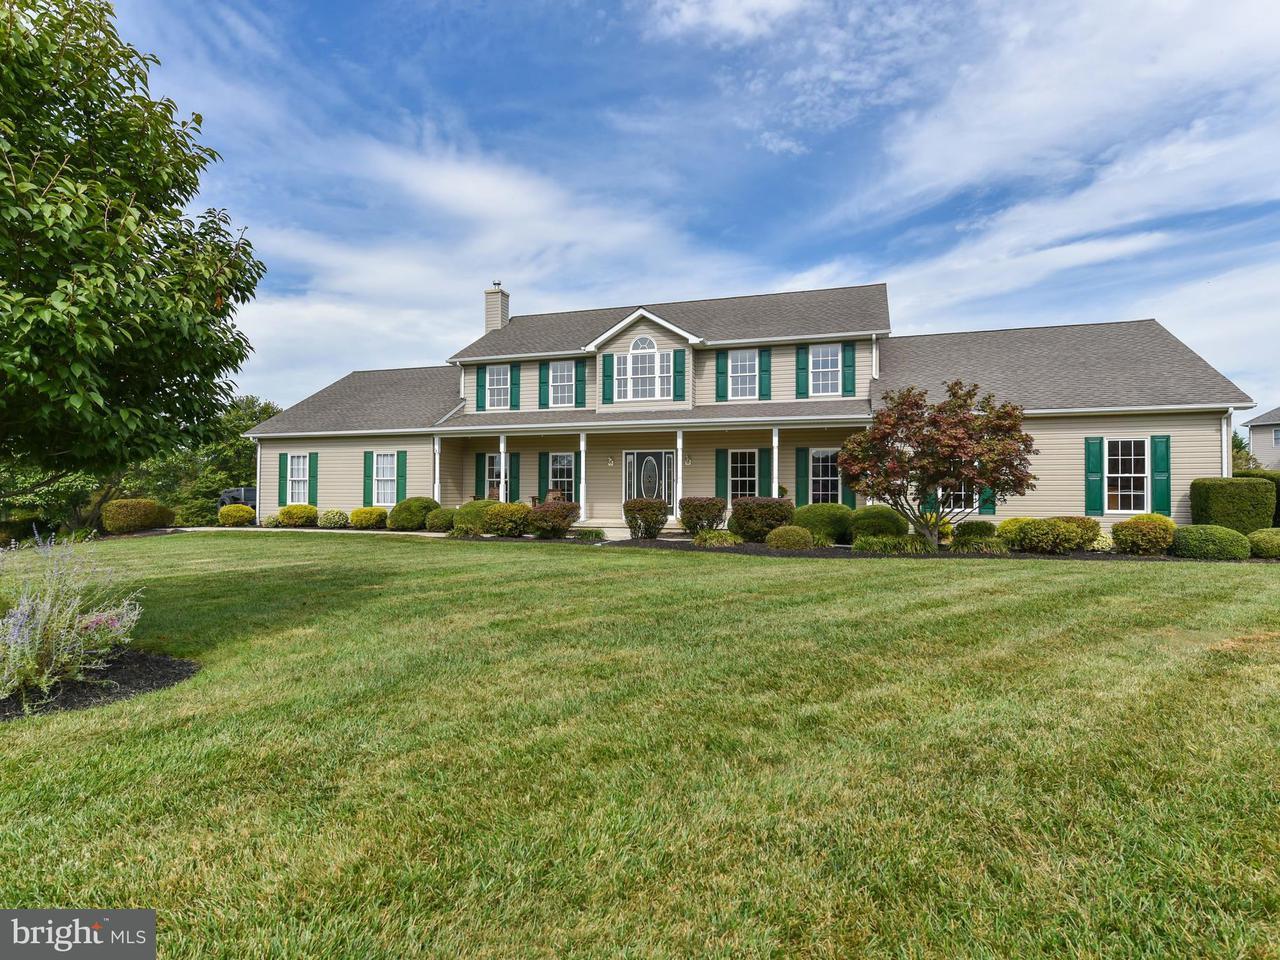 独户住宅 为 销售 在 68 CHADS WAY 68 CHADS WAY Port Deposit, 马里兰州 21904 美国